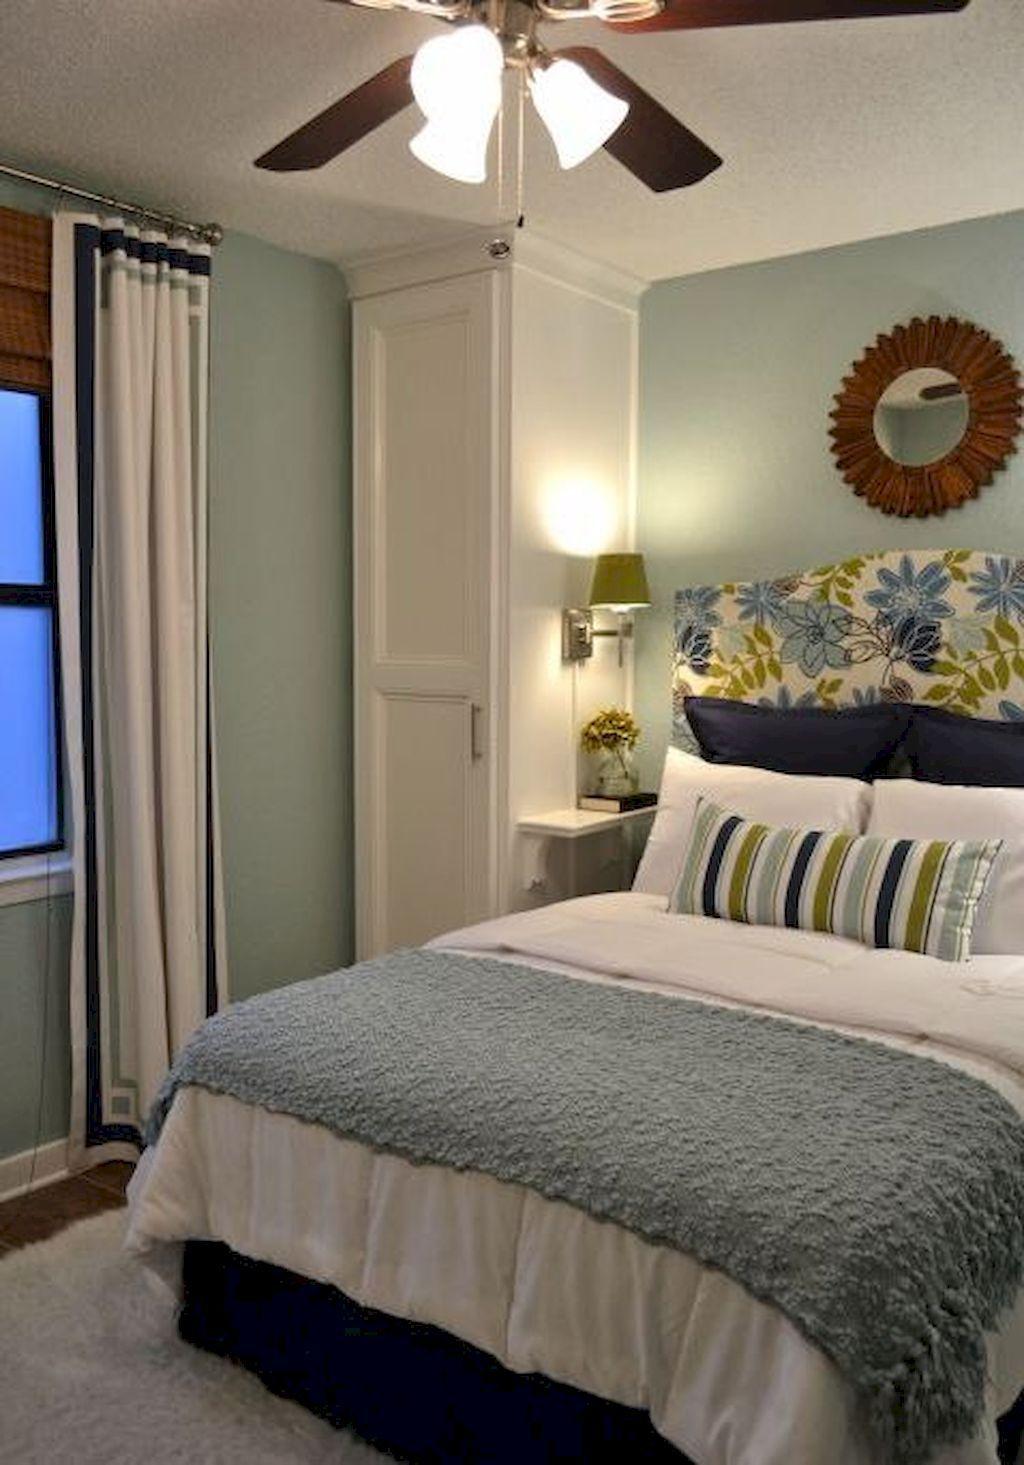 Small Master Bedroom Ideas 4 Small Master Bedroom Budget